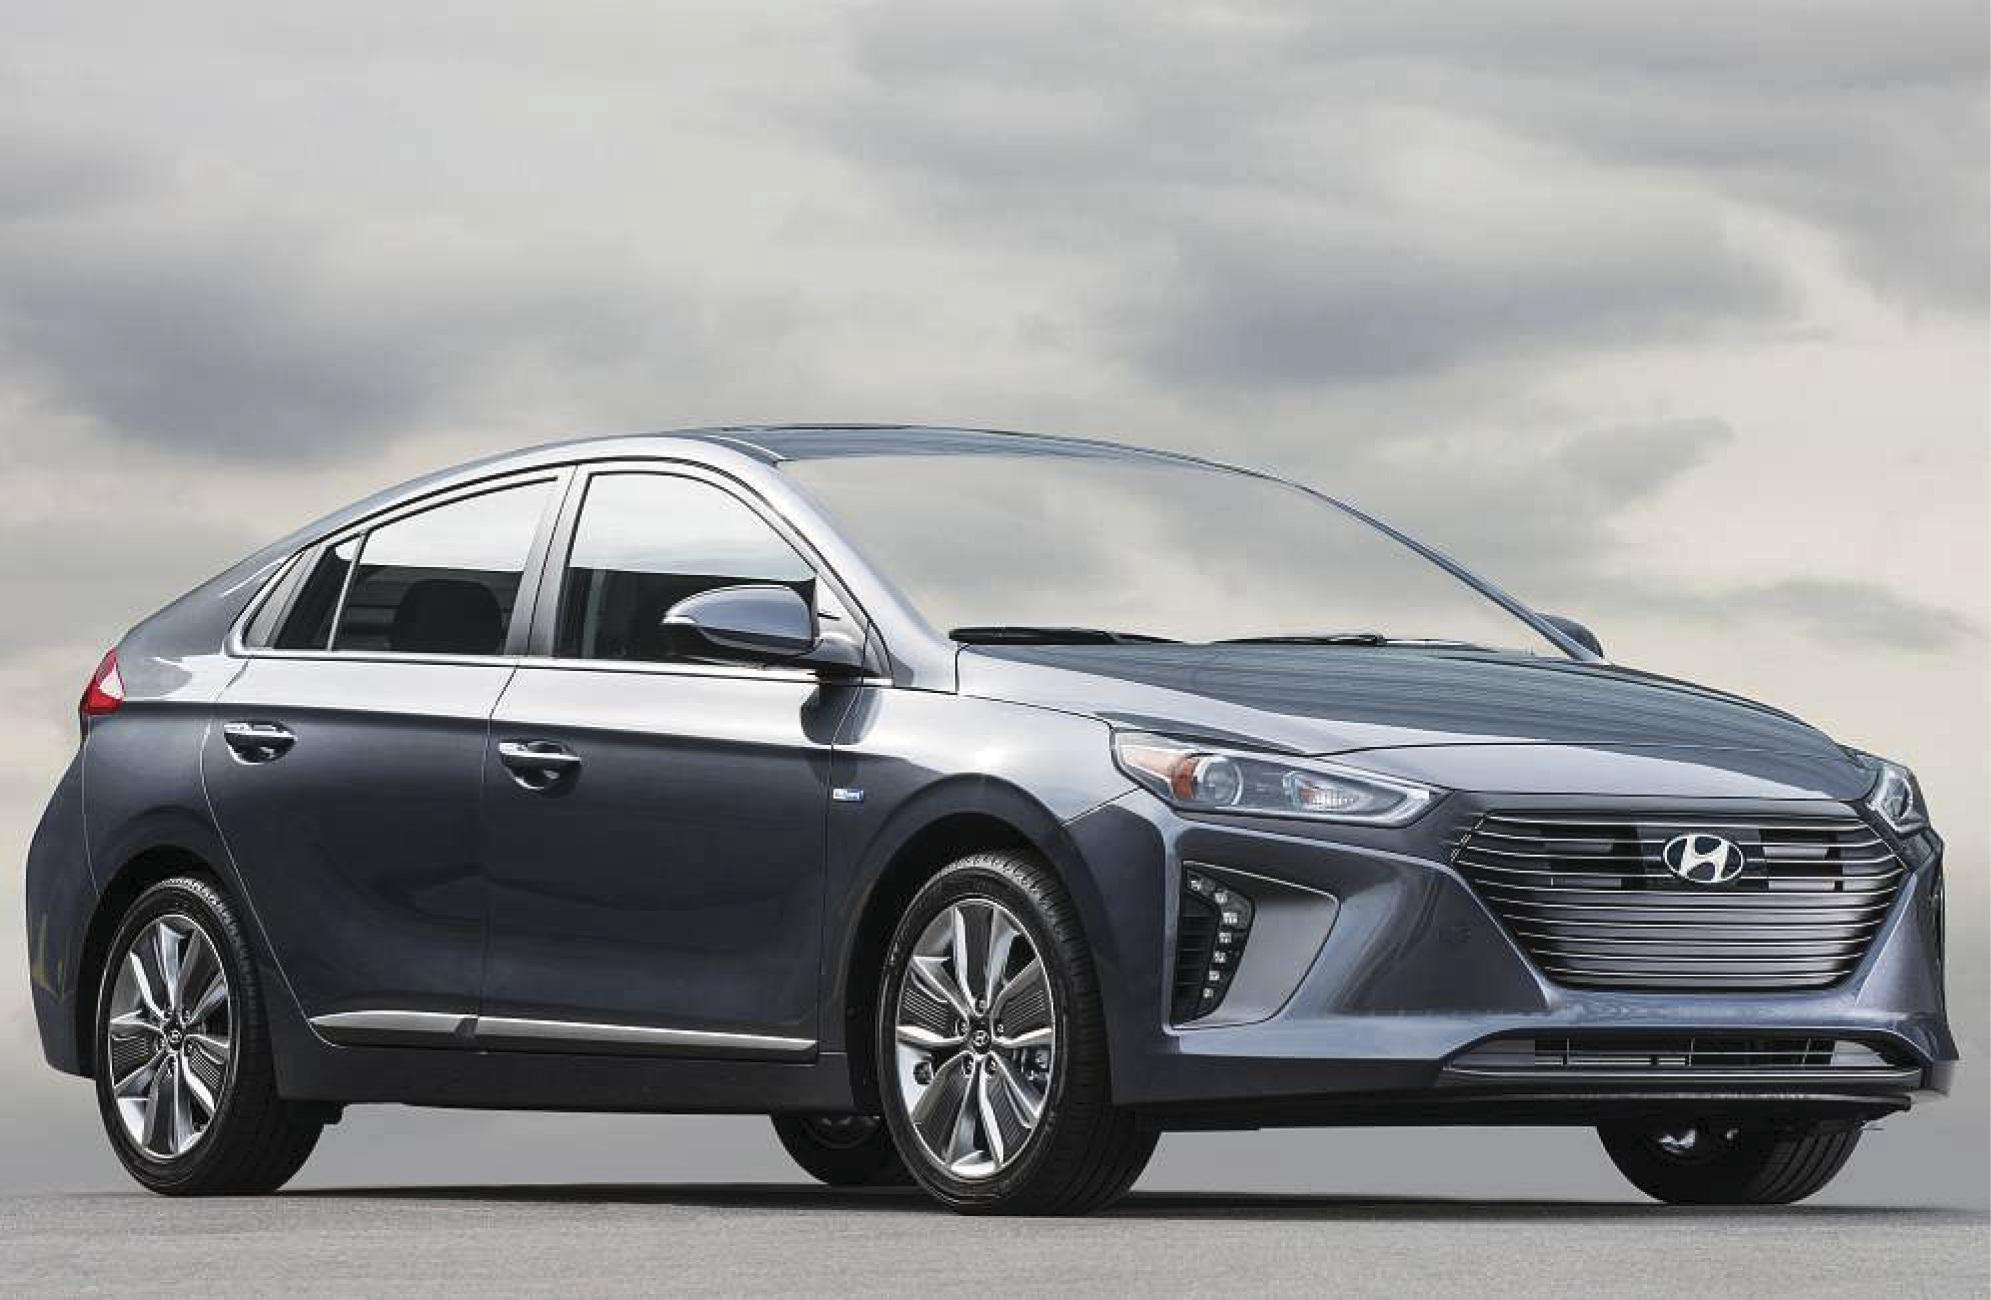 Hyundai's 2018 Ioniq Hybrid has starting price of $22,200